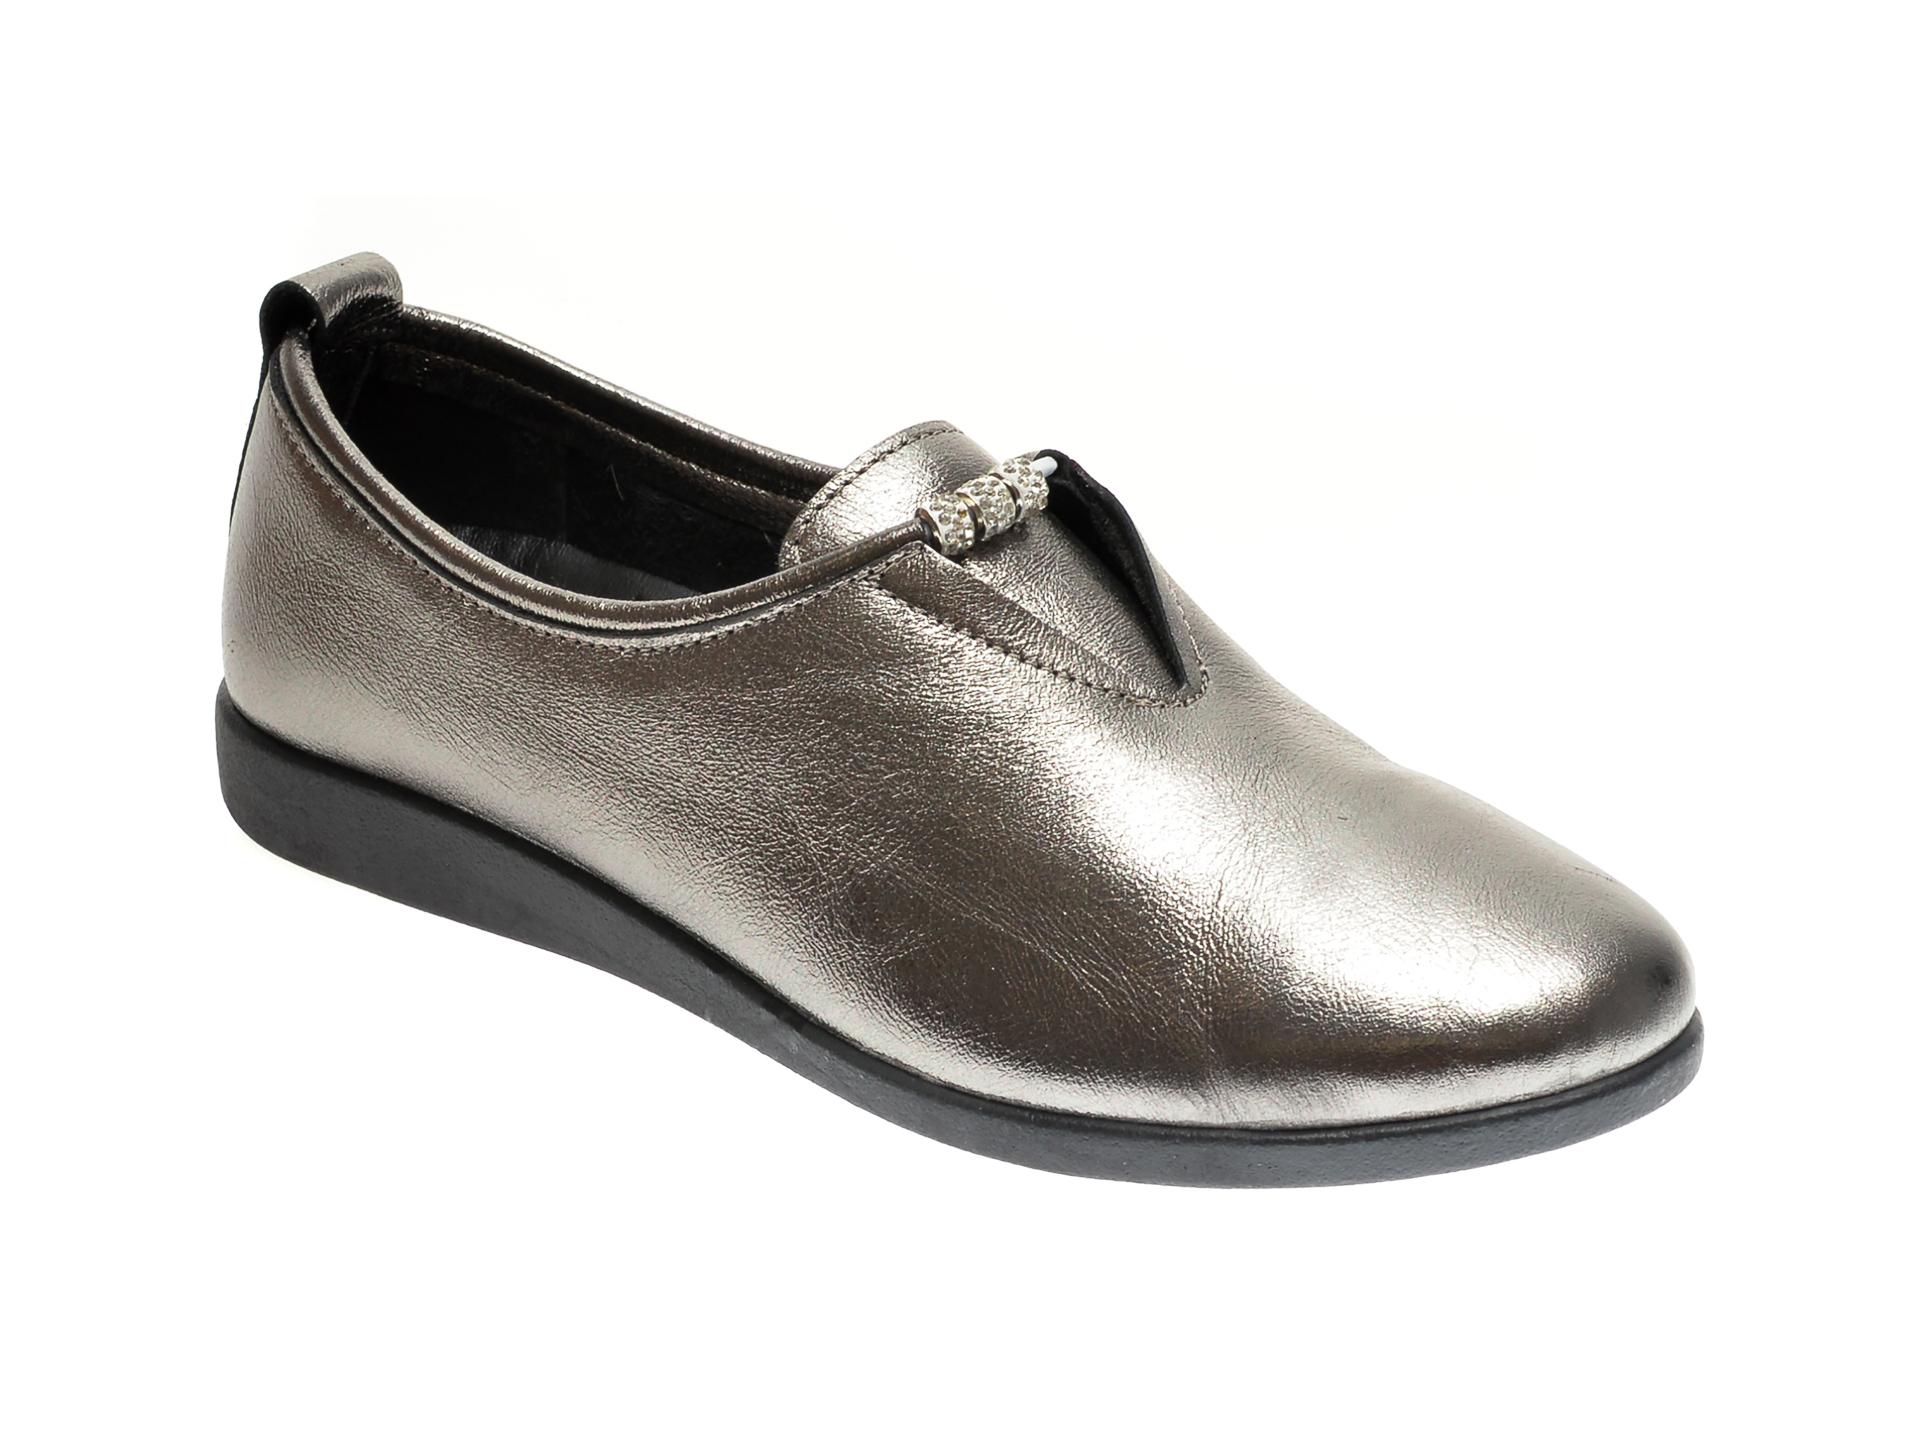 Pantofi ILOZ argintii, 120, din piele naturala imagine